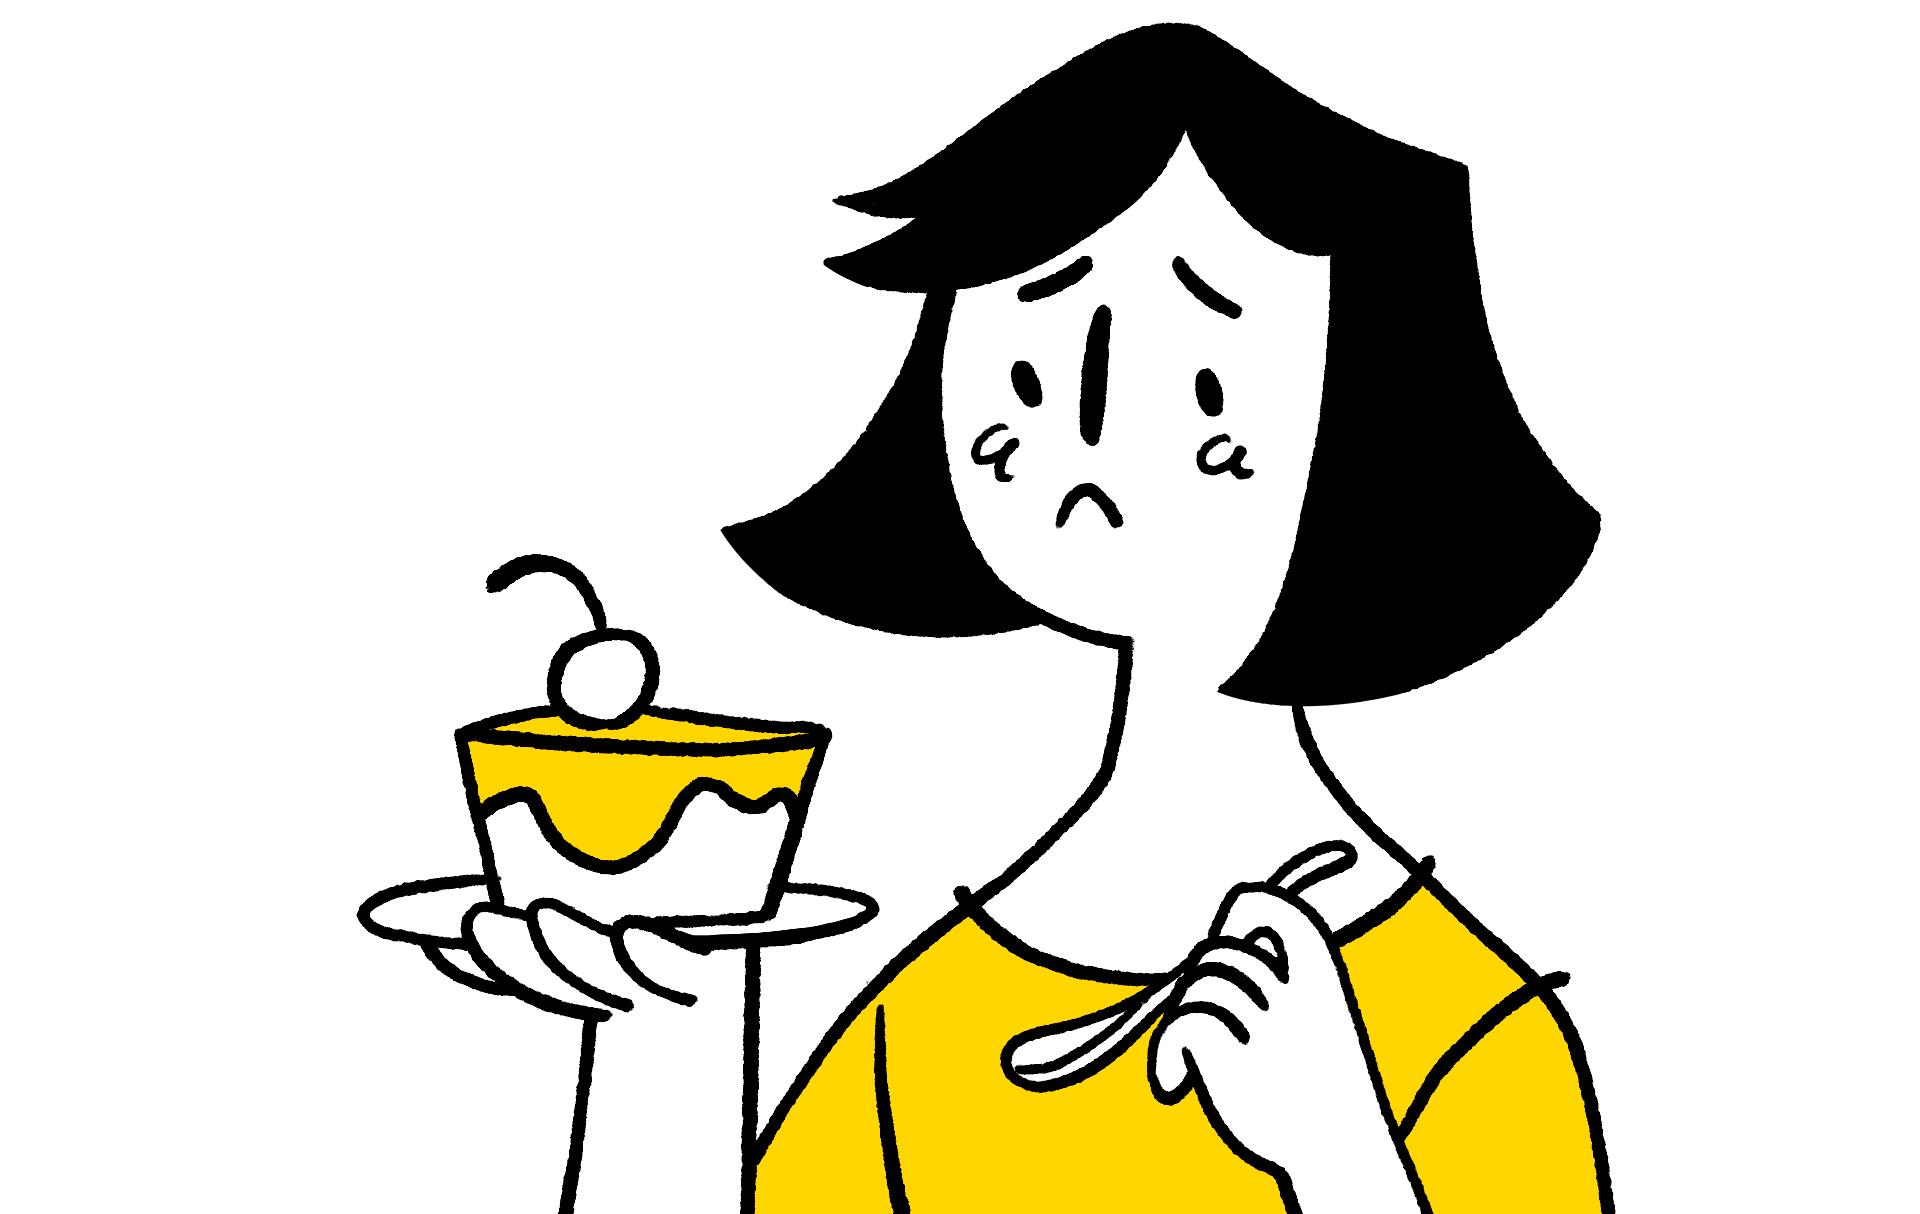 Факторы риска гестационного диабета